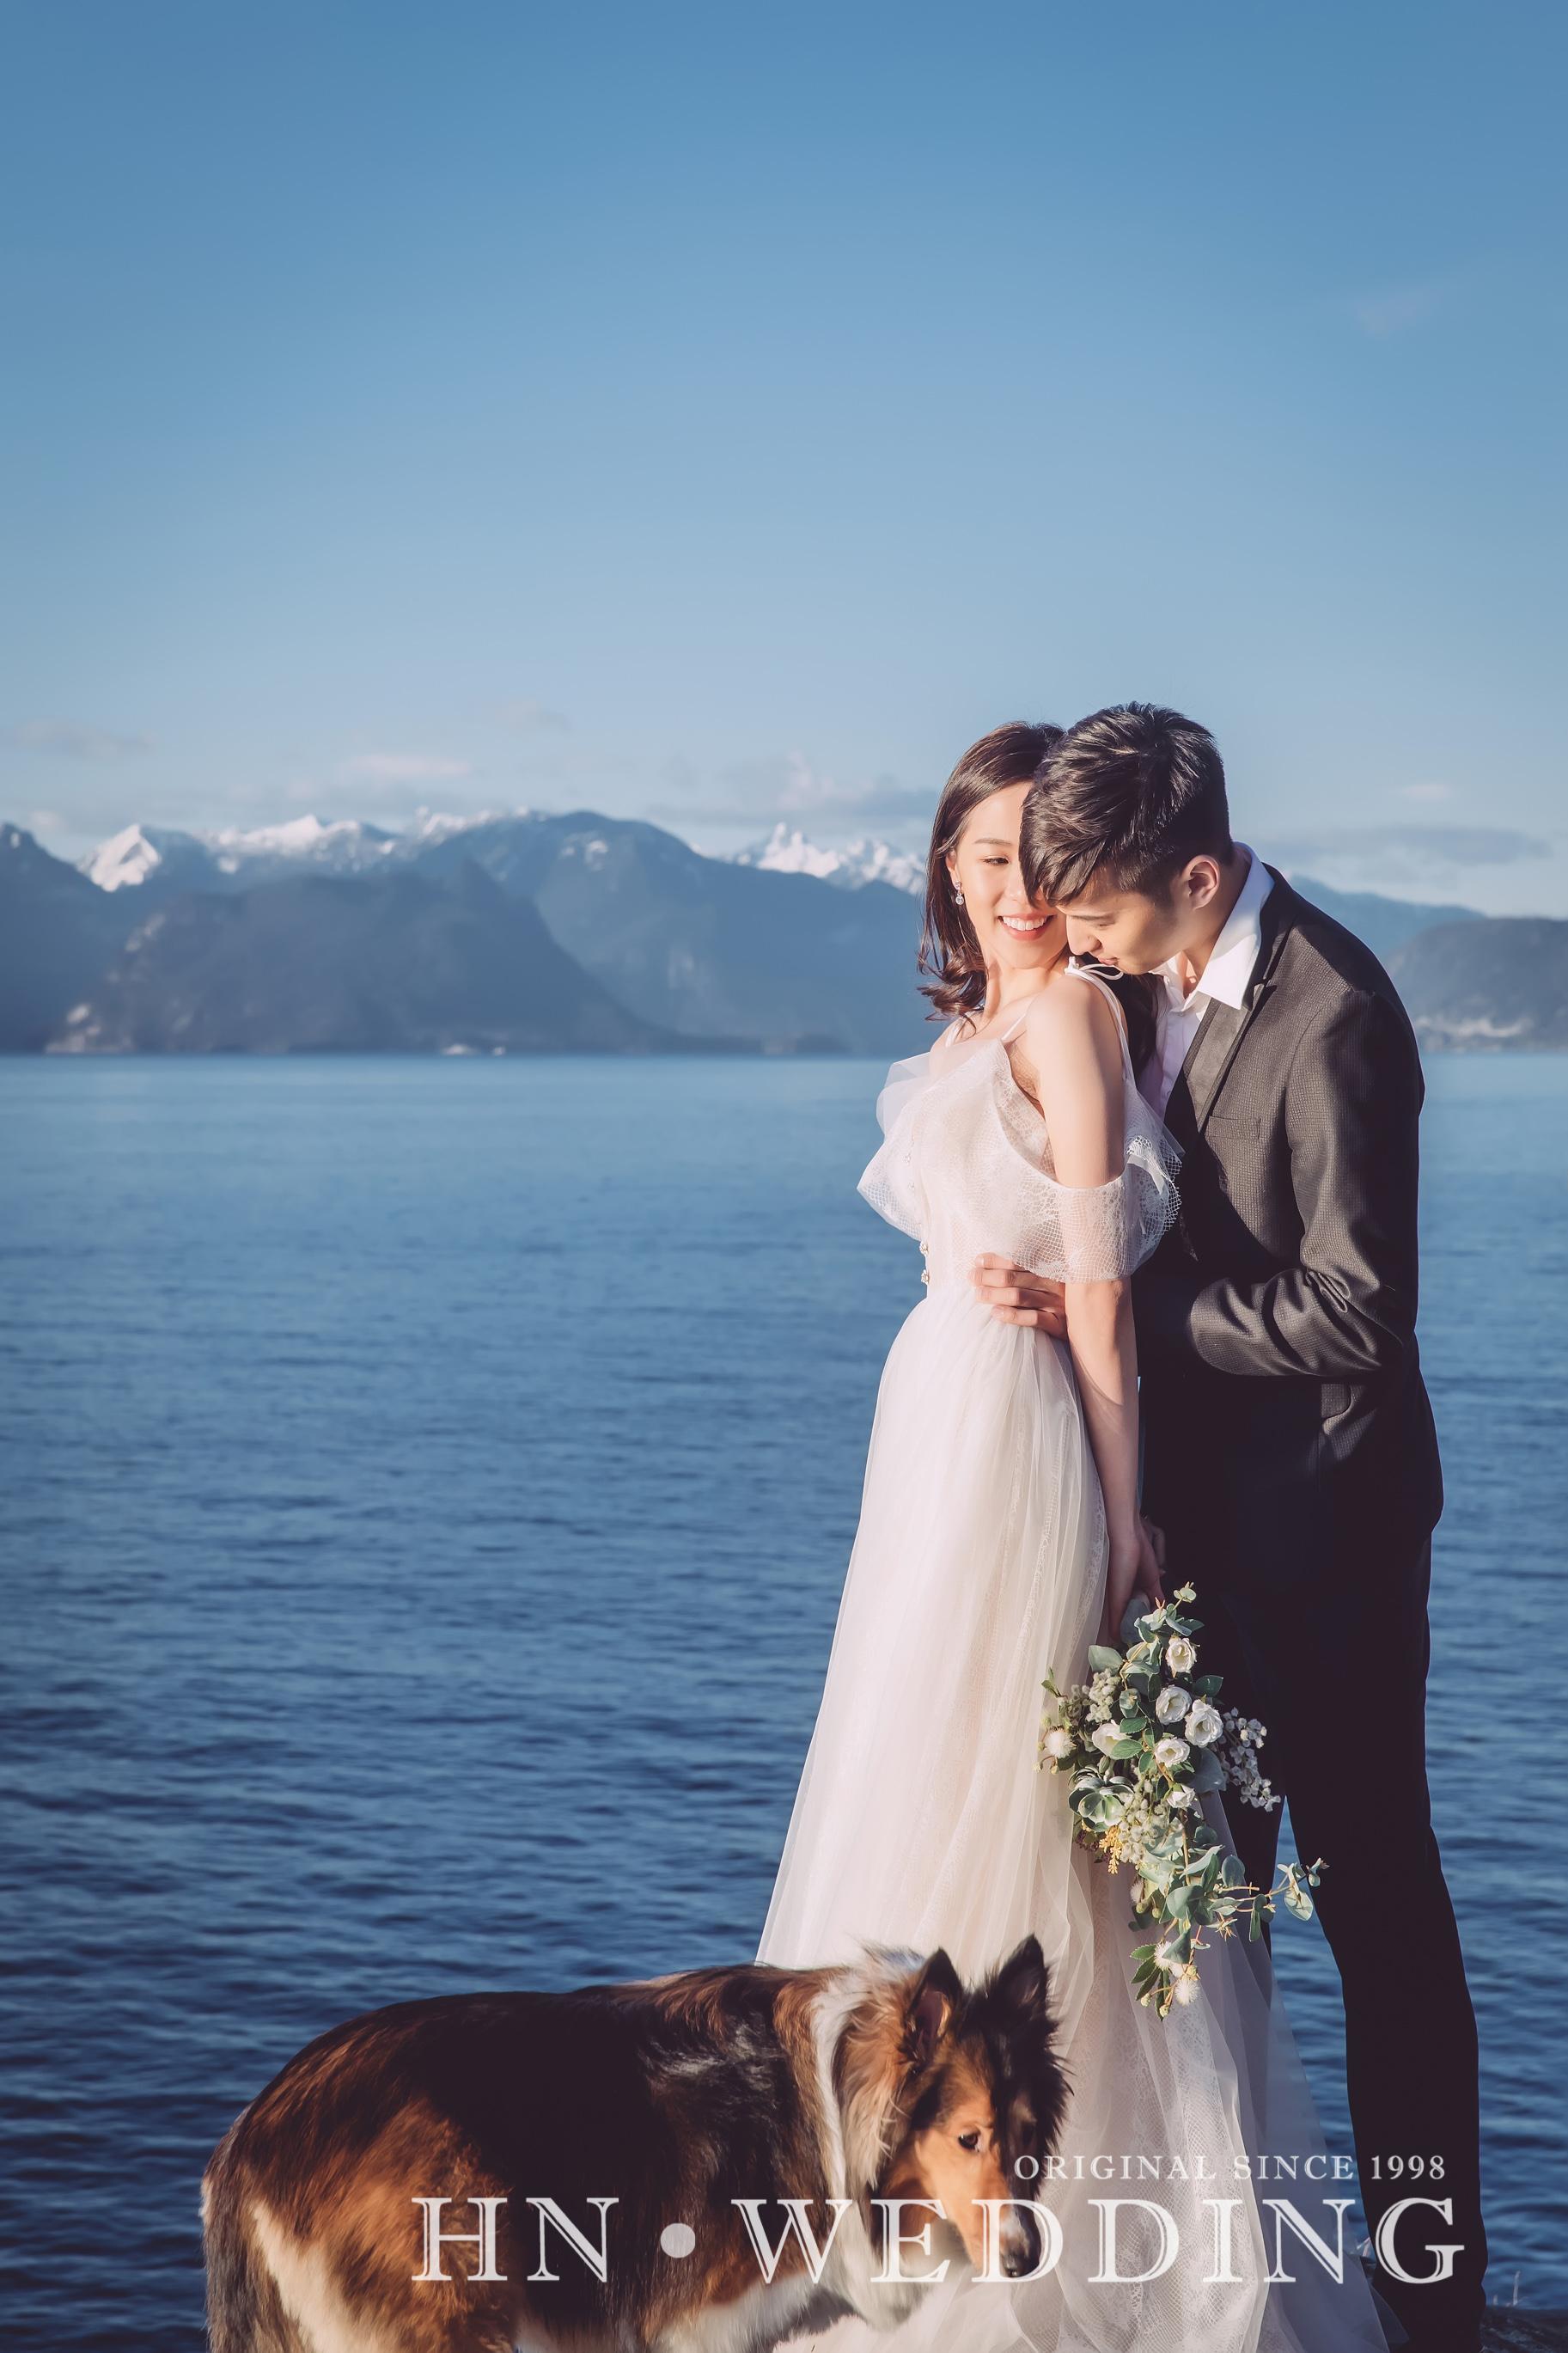 hnweddingprewedding20190220-55.jpg